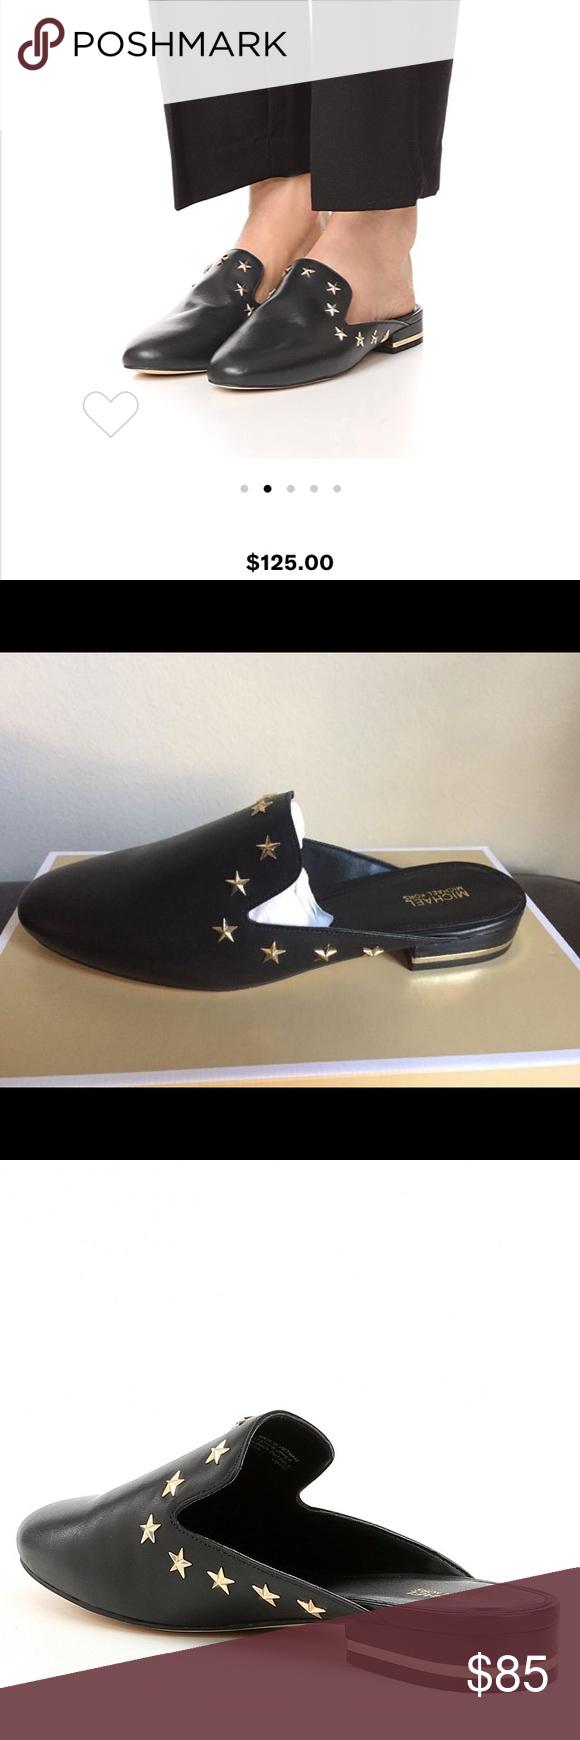 e239a41b98ee Michael Kors Natasha Star Studded Mules - size 10 Michael Kors Natasha Star  Studded Mules - size 10 Michael Kors Shoes Mules   Clogs